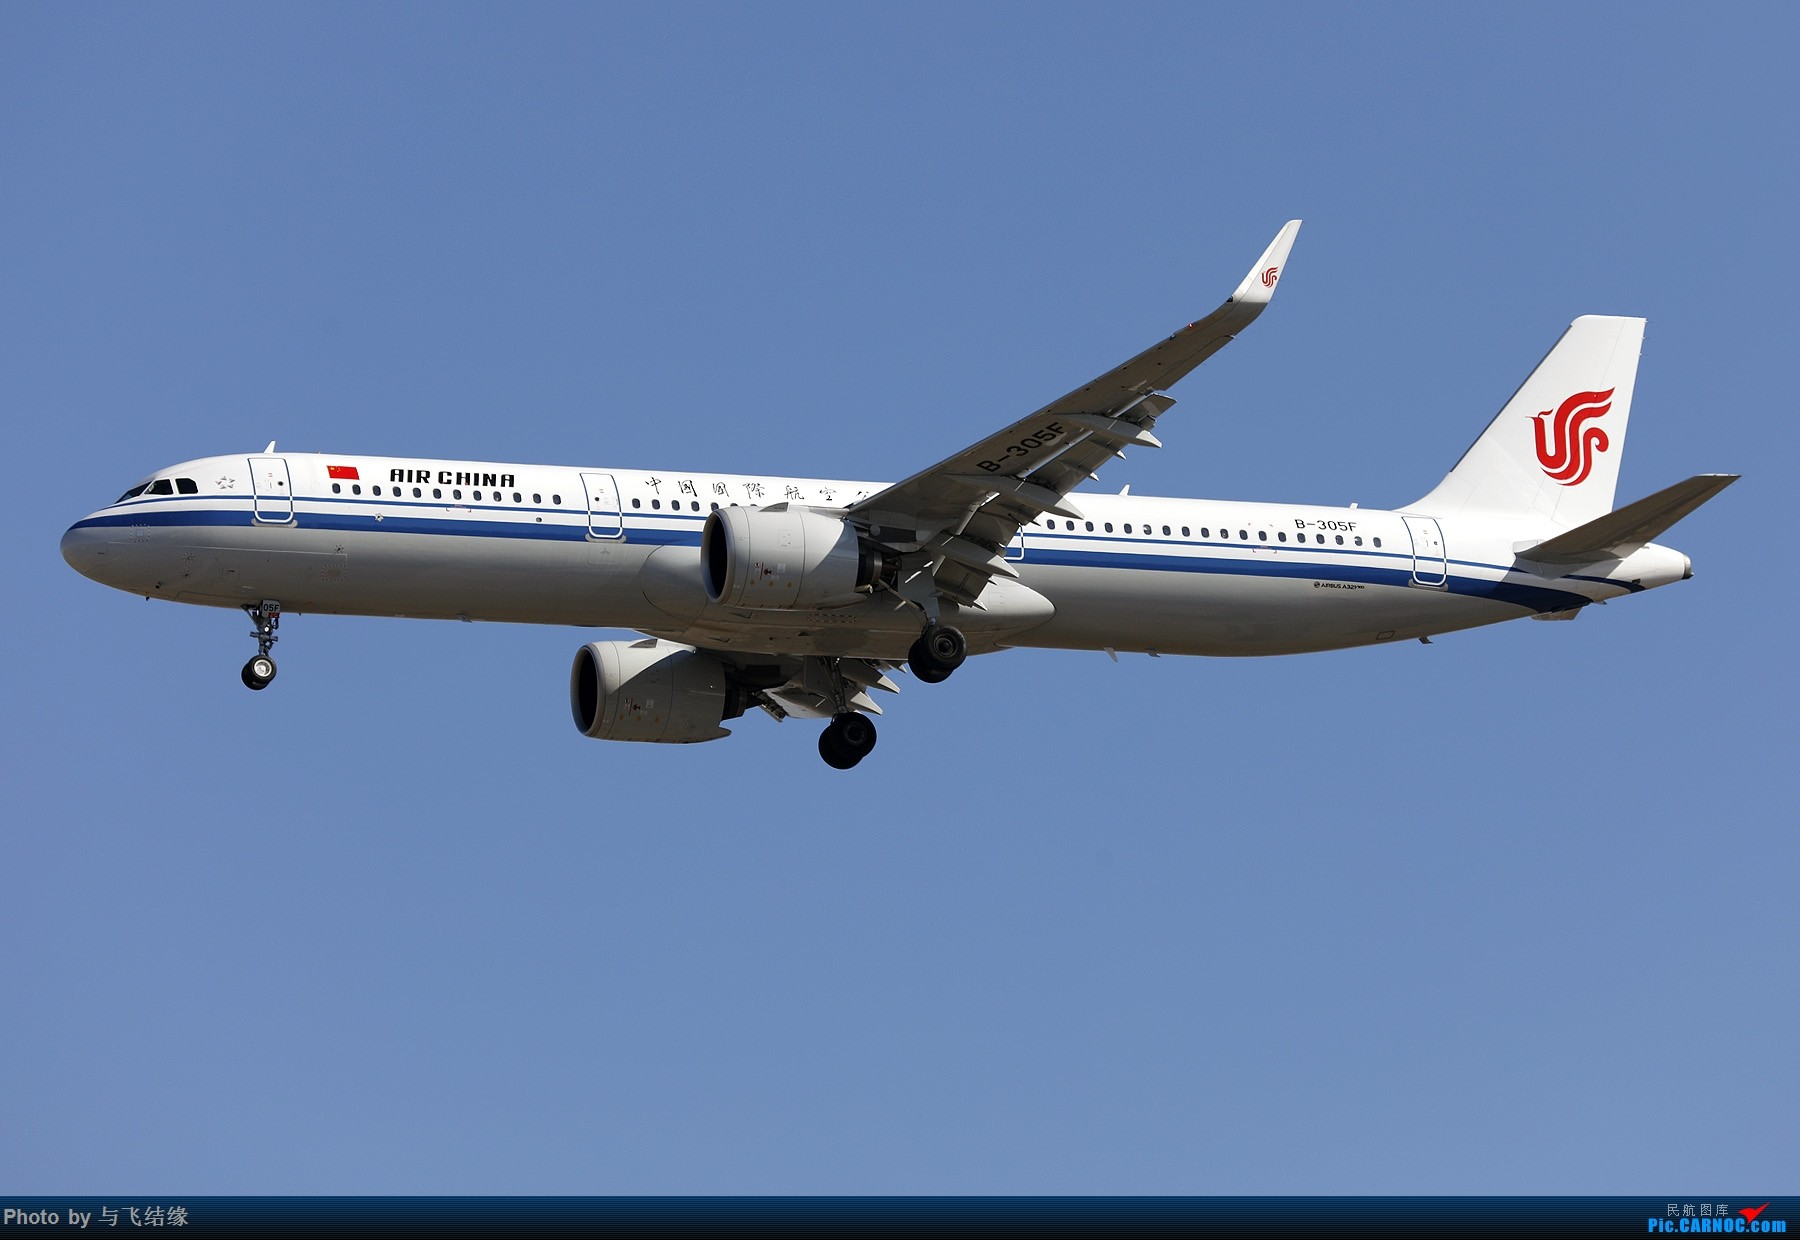 Re:[原创]以色列航空波音777-200、加拿大航空波音77W新装、国航最新空客350-900. AIRBUS A321NEO B-305F 中国北京首都国际机场